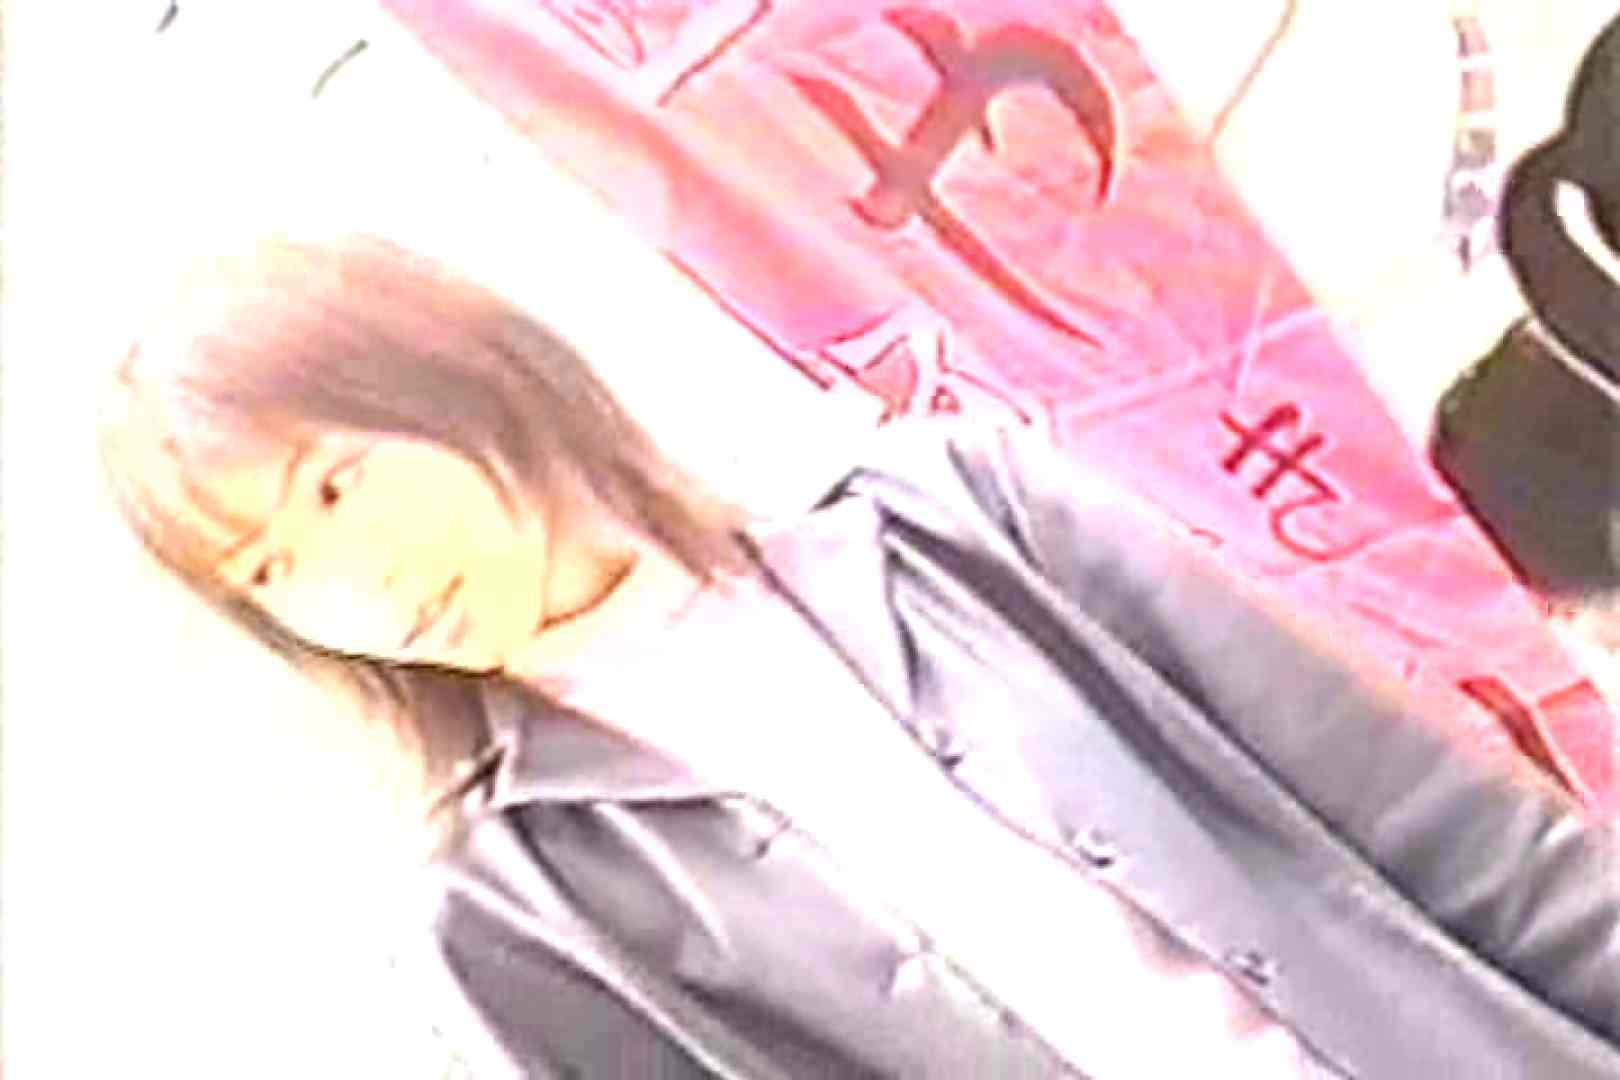 「ちくりん」さんのオリジナル未編集パンチラVol.2_02 チラ  84PIX 8